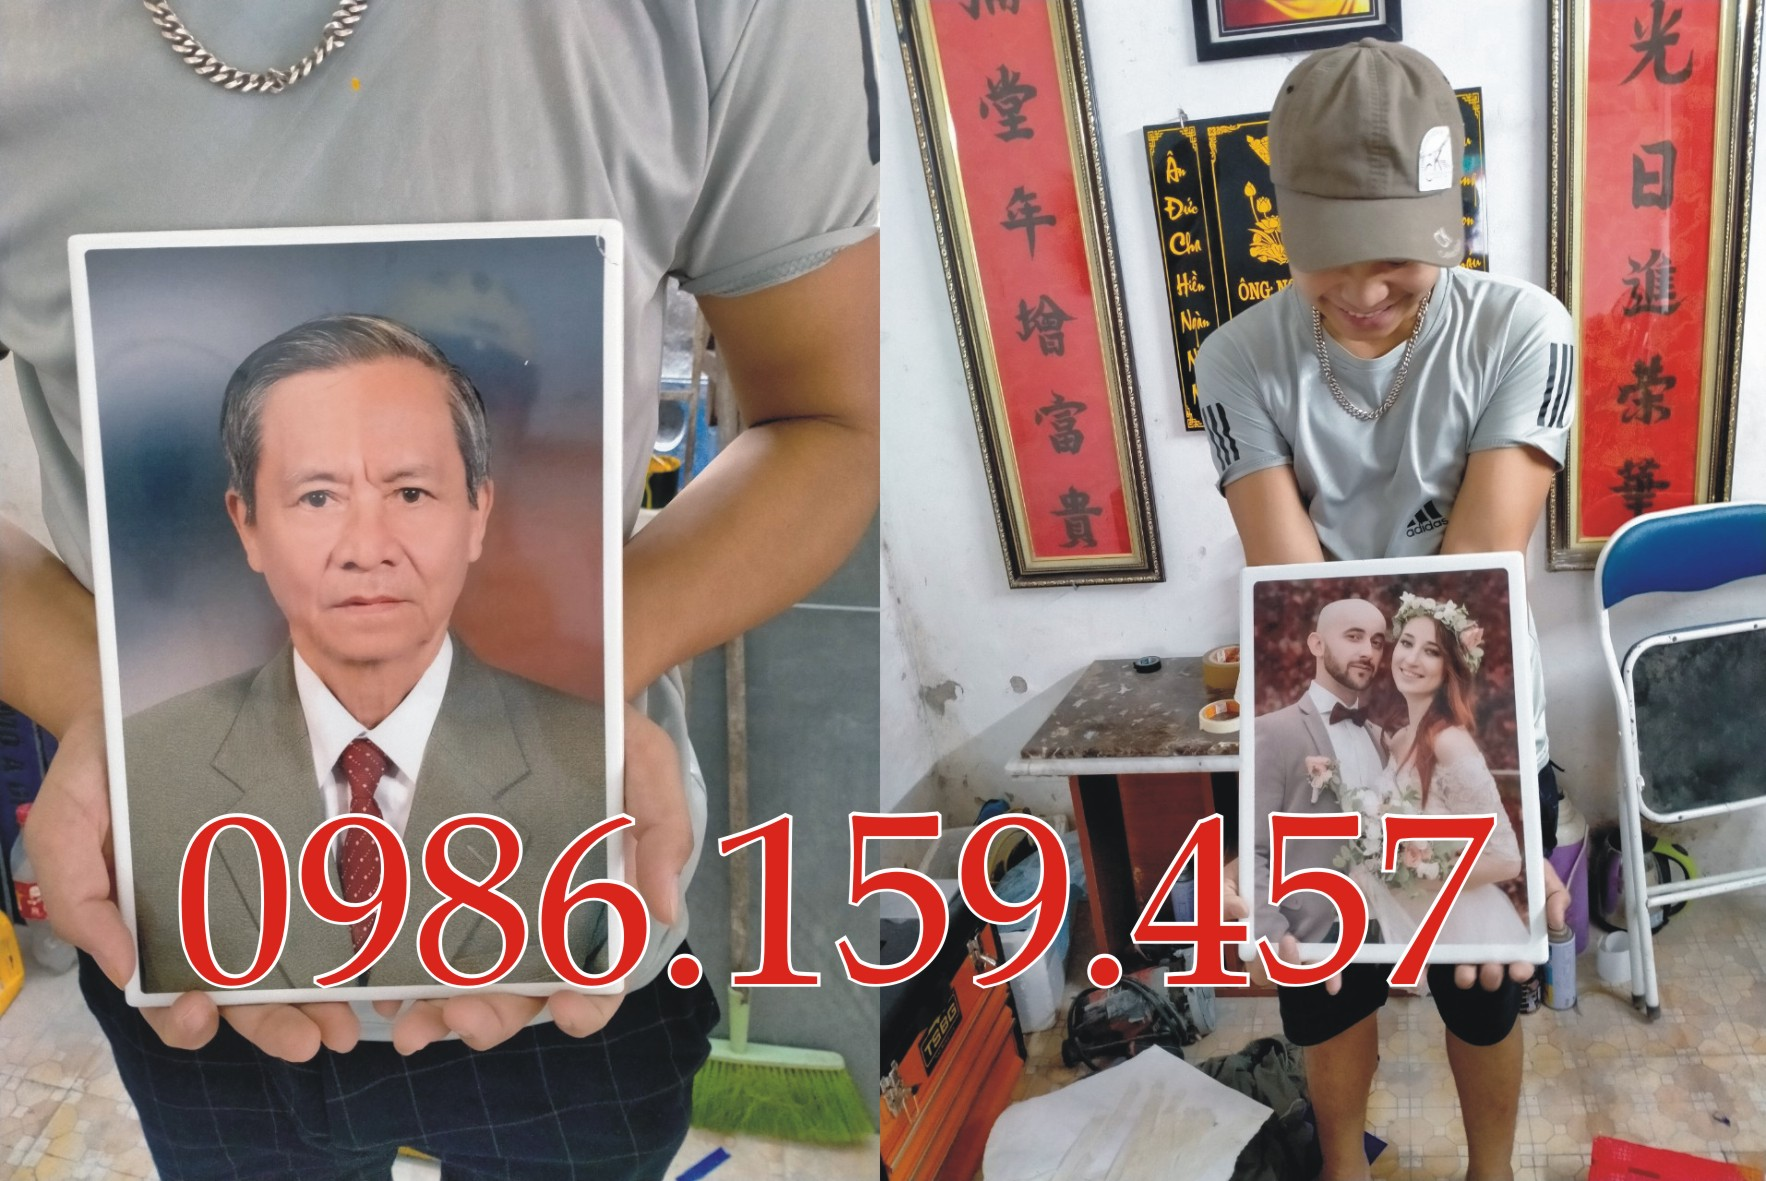 Ns 23 Dịch Vụ Chỉnh Sửa Ảnh Photoshop